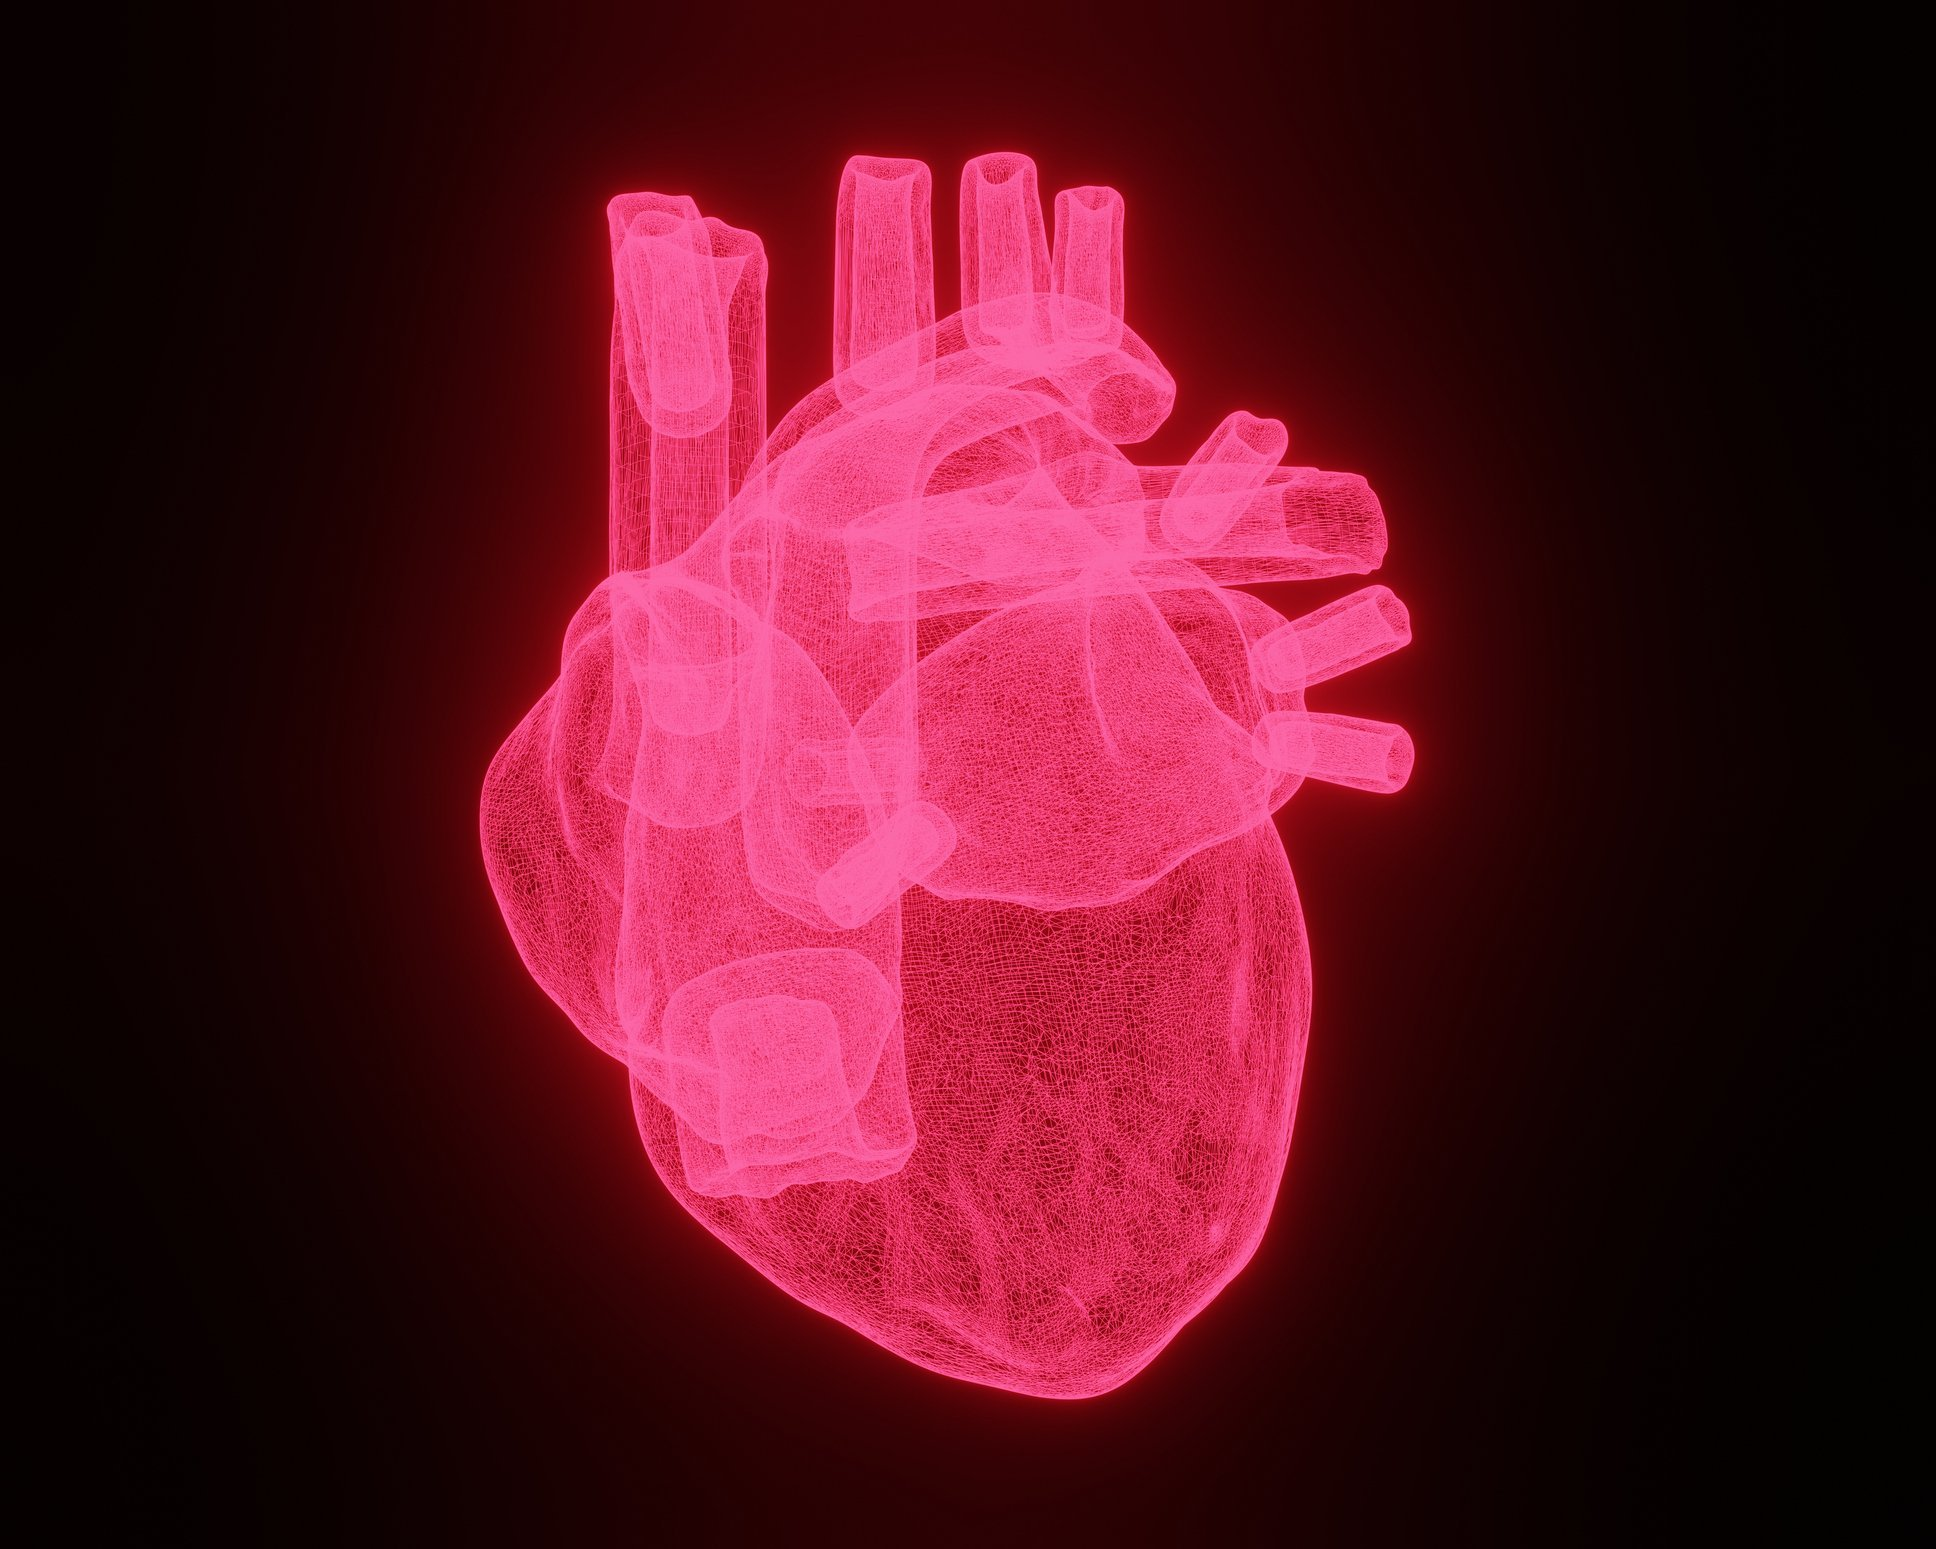 Una ilustración 3d del corazón humano.